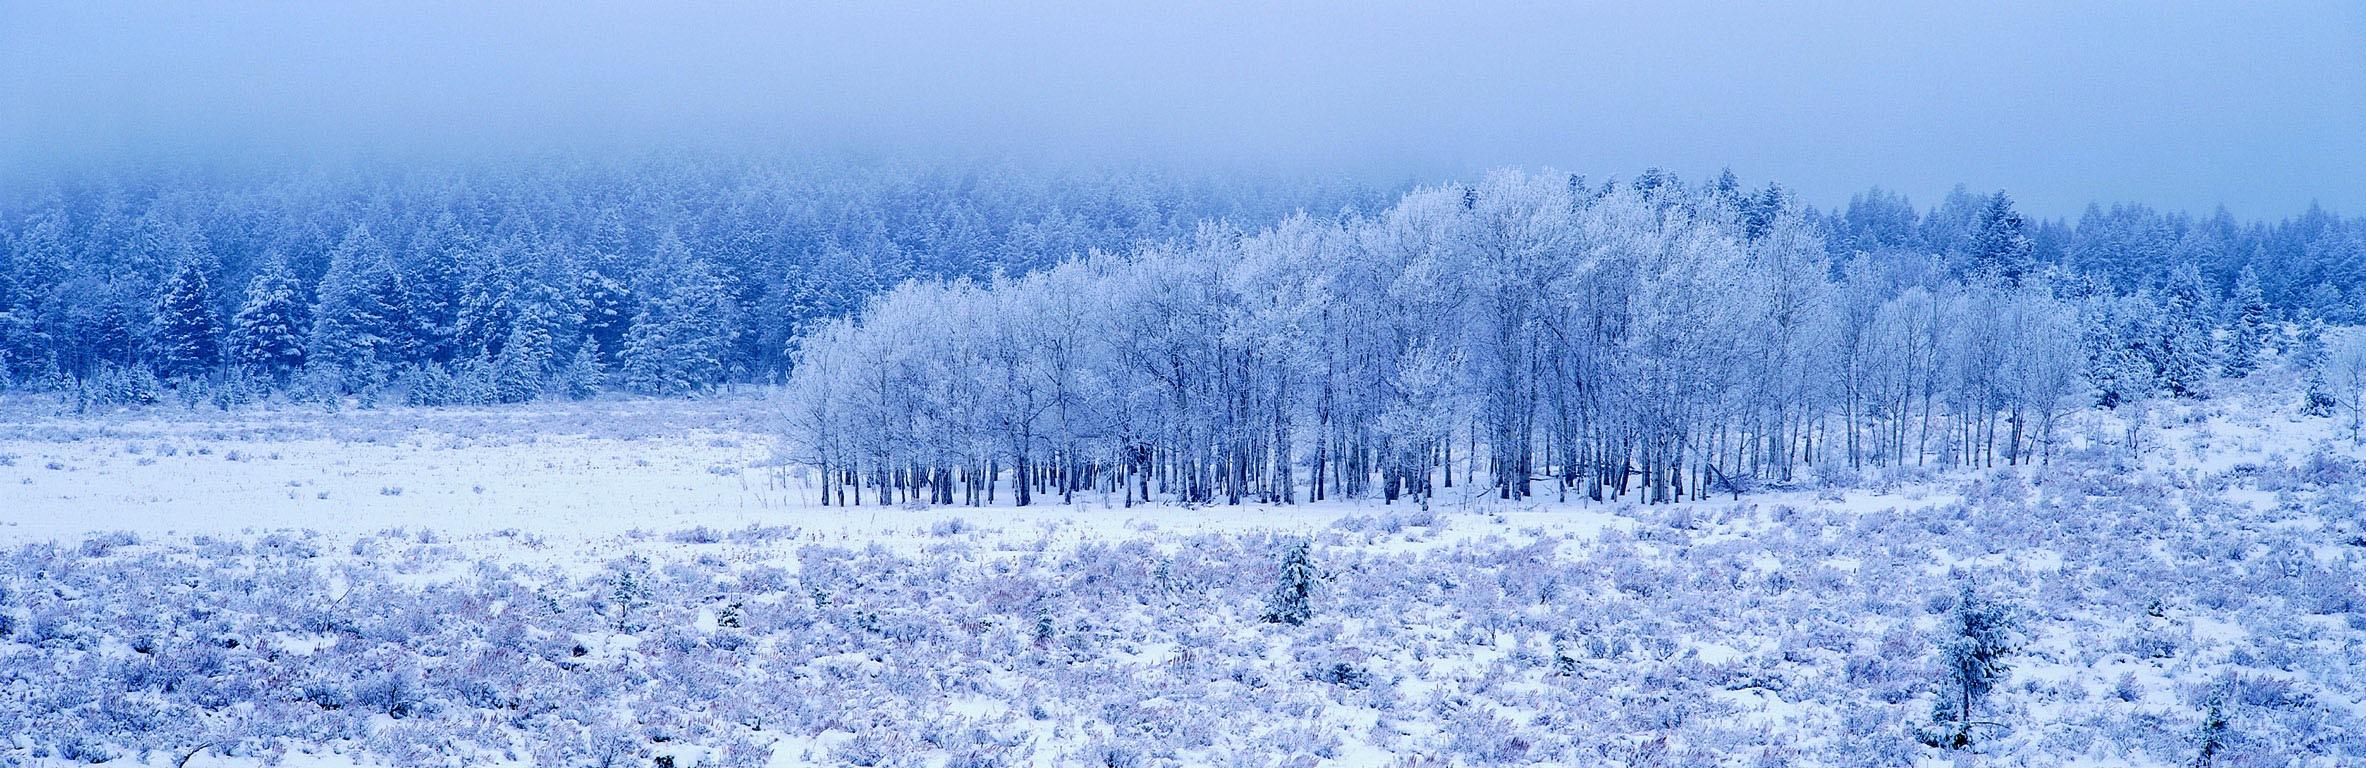 白銀の山麓 壁紙 - Mountain of Silvery White WALLPAPER